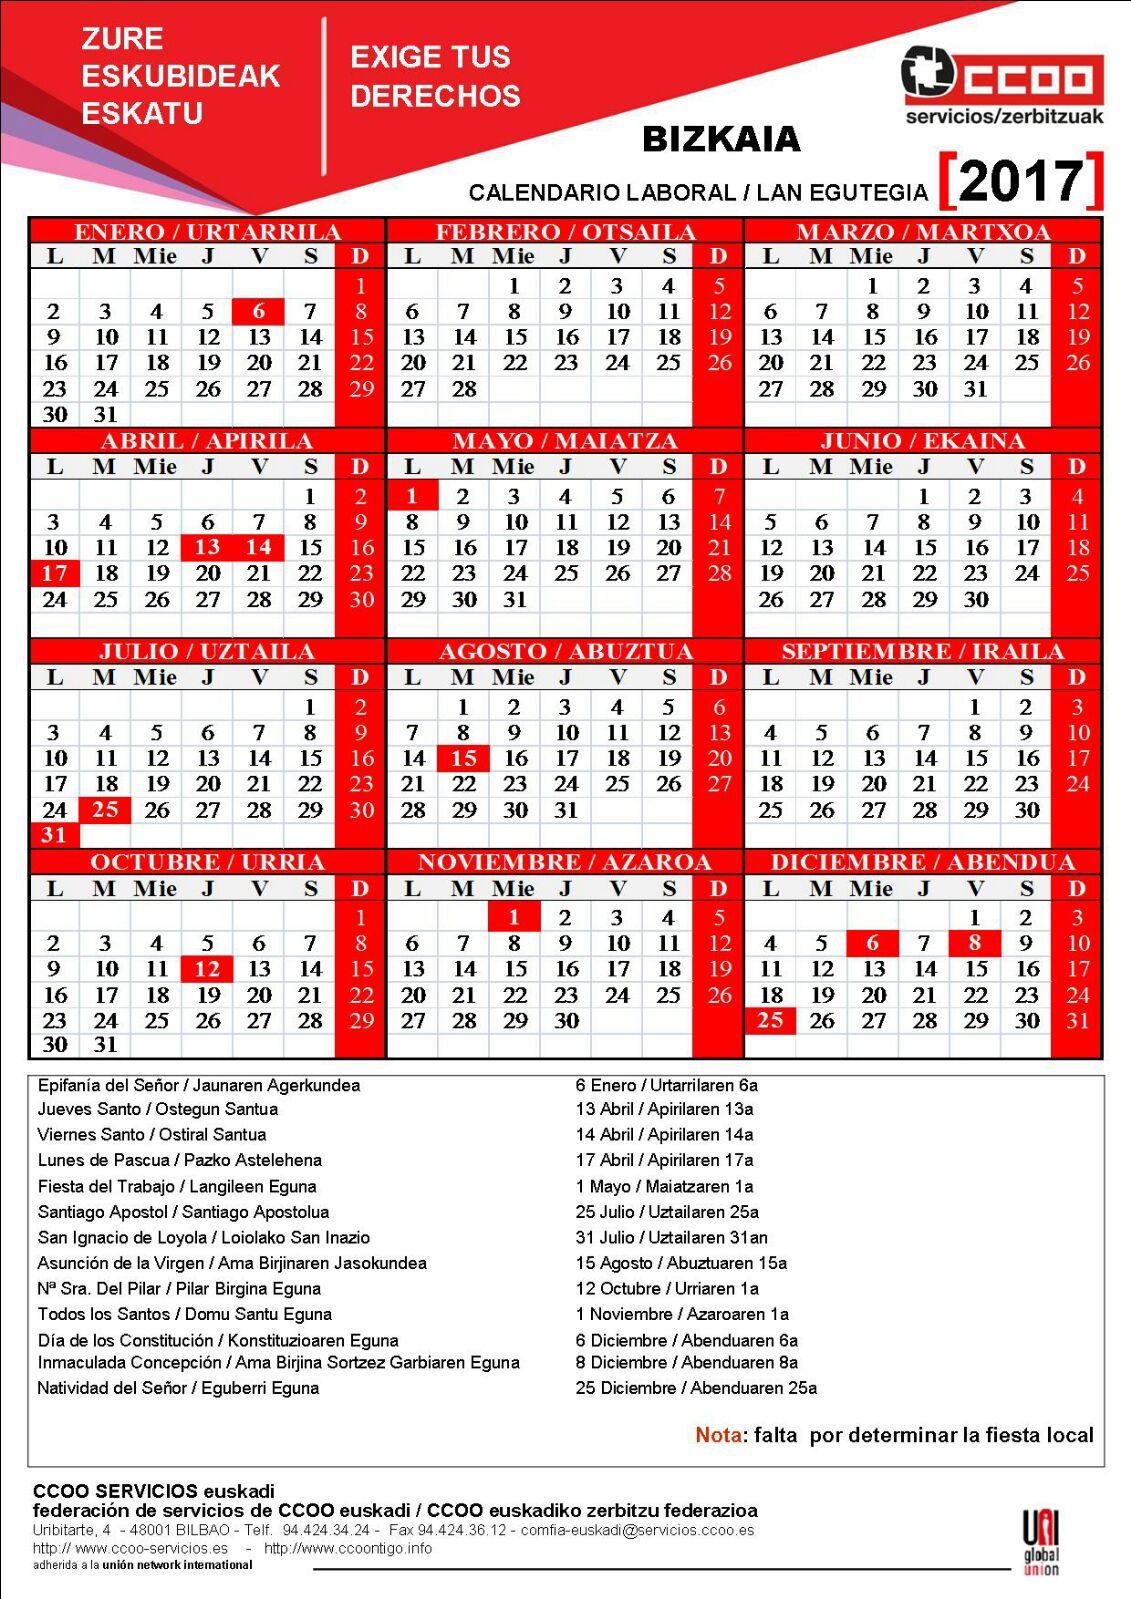 rlt satec bilbao calendario laboral bizkaia 2017